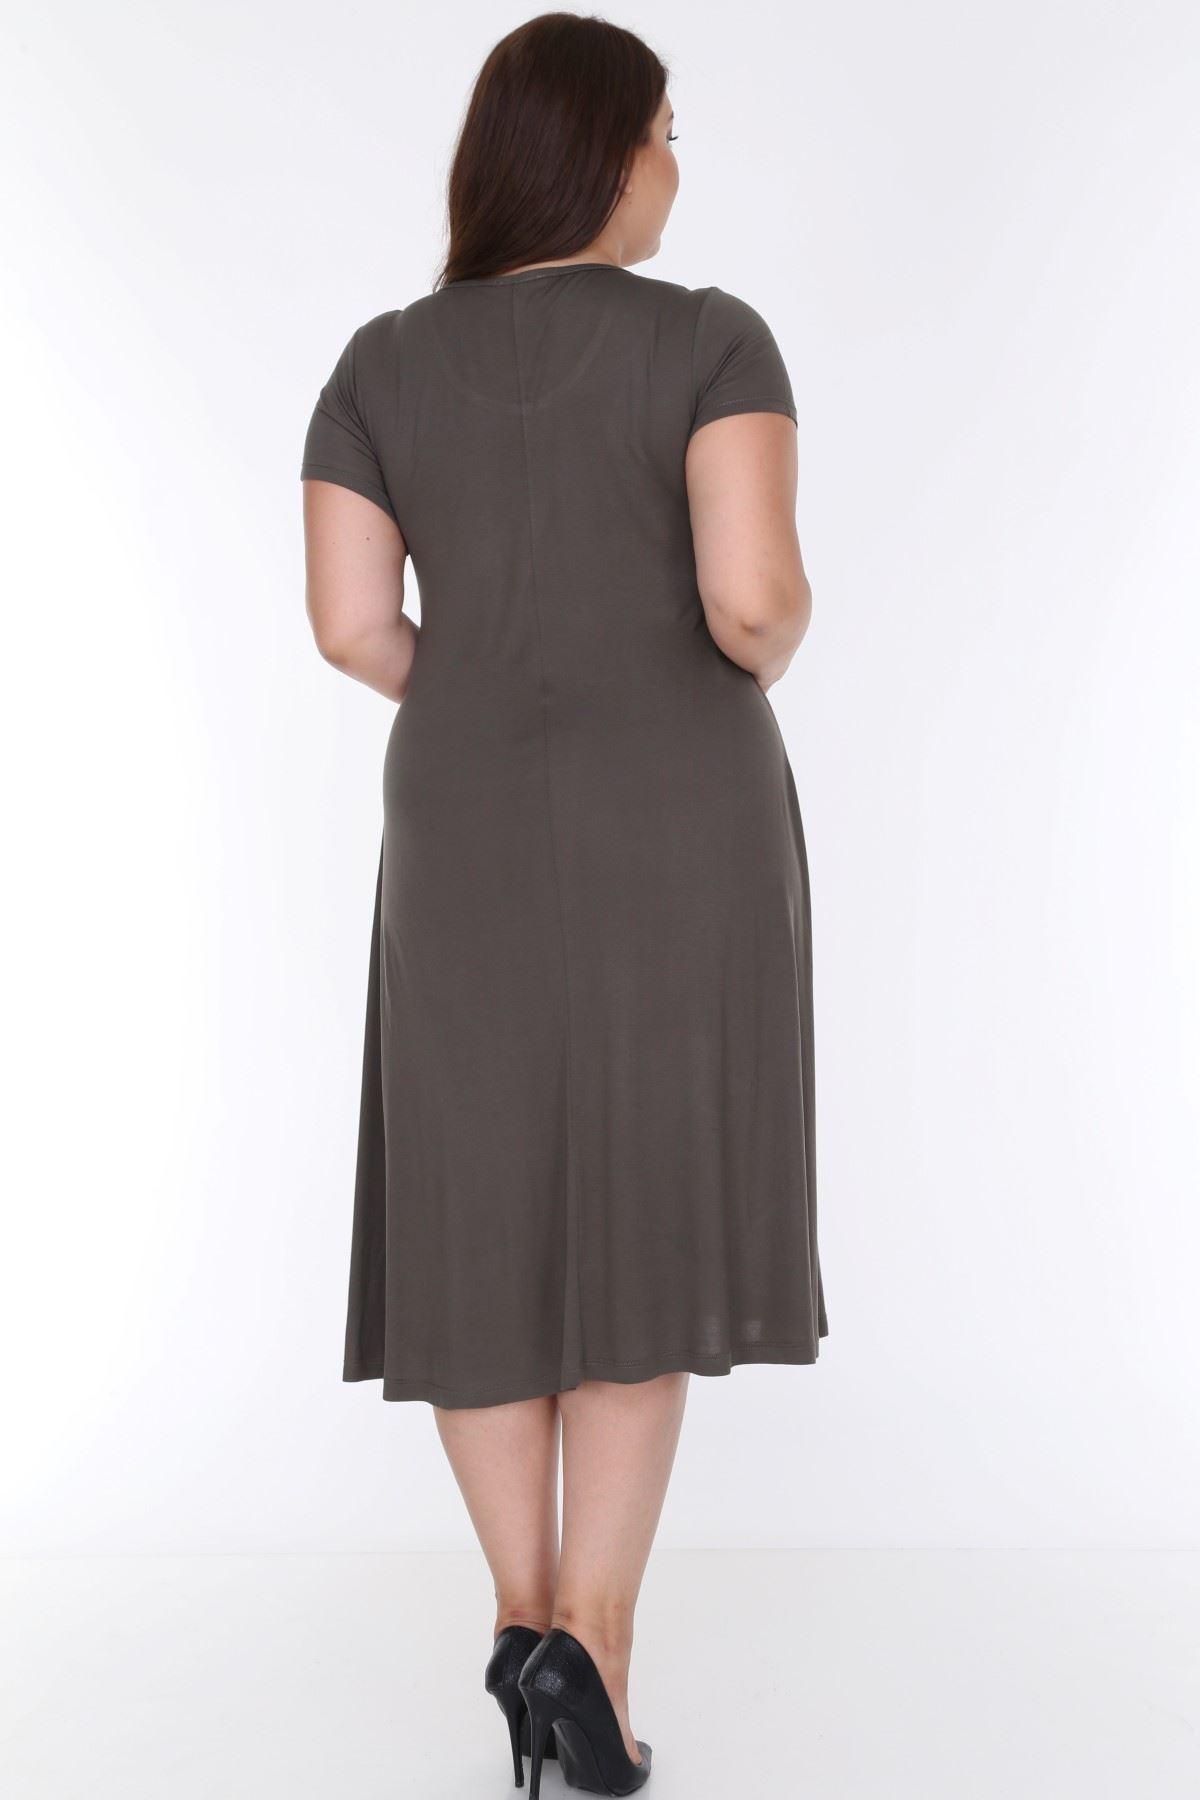 Kloş Kısakol Elbise 21D-0624